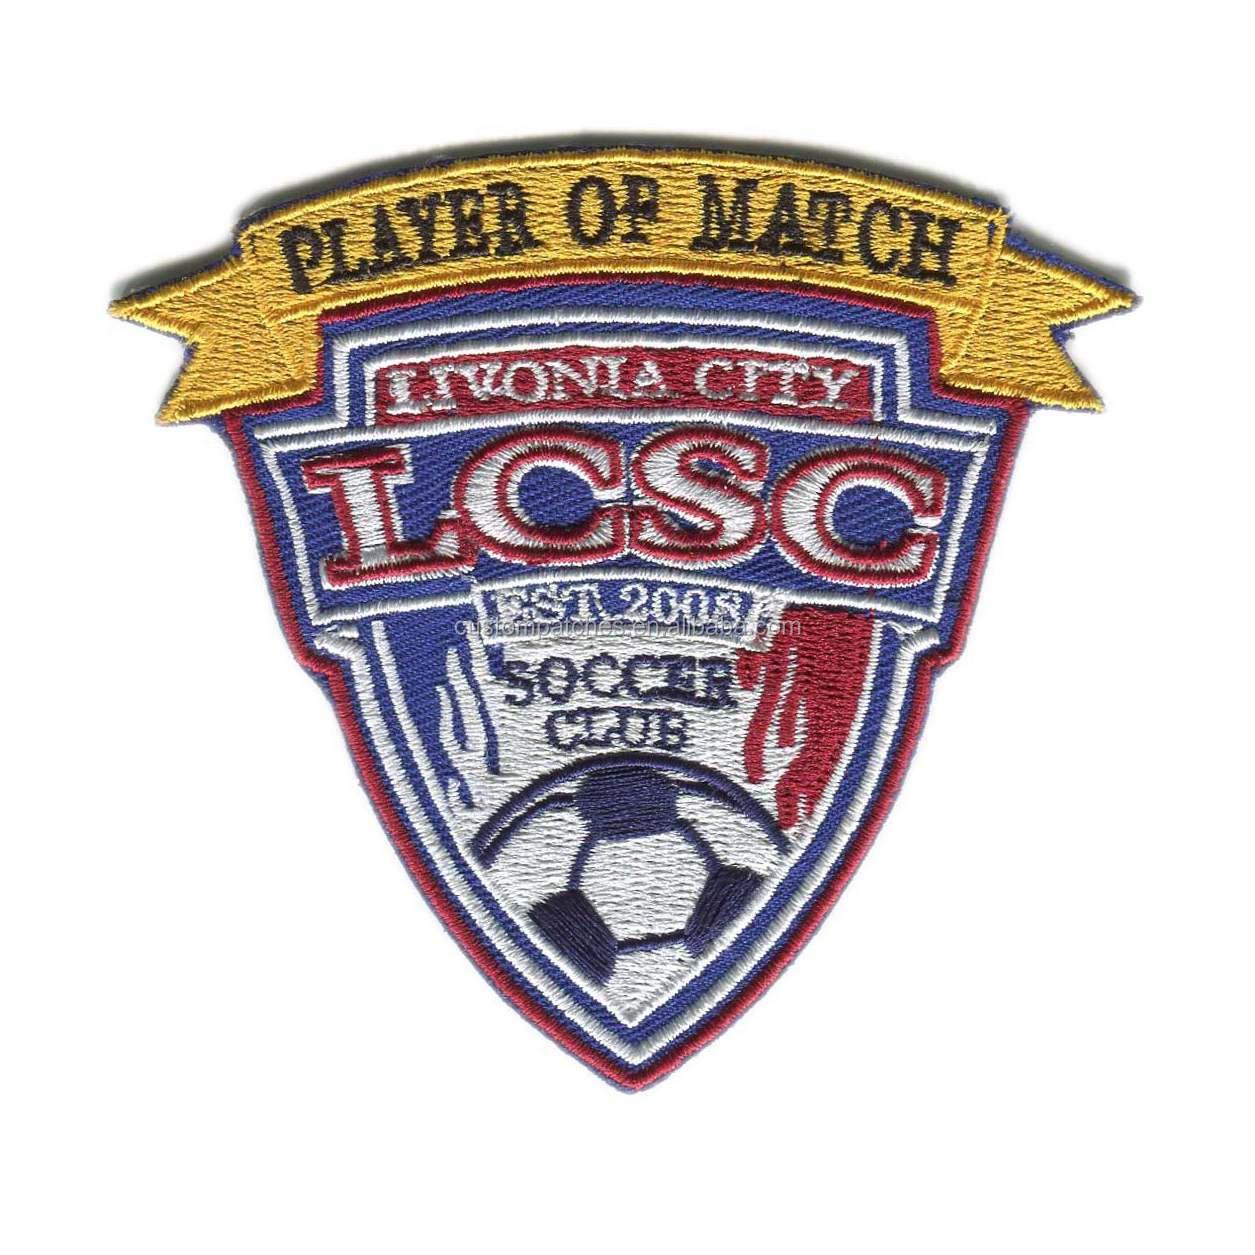 Bordado fútbol deportes logotipo del equipo de fútbol deporte Pacthes placa bordado  insignias del equipo 504c411e38171